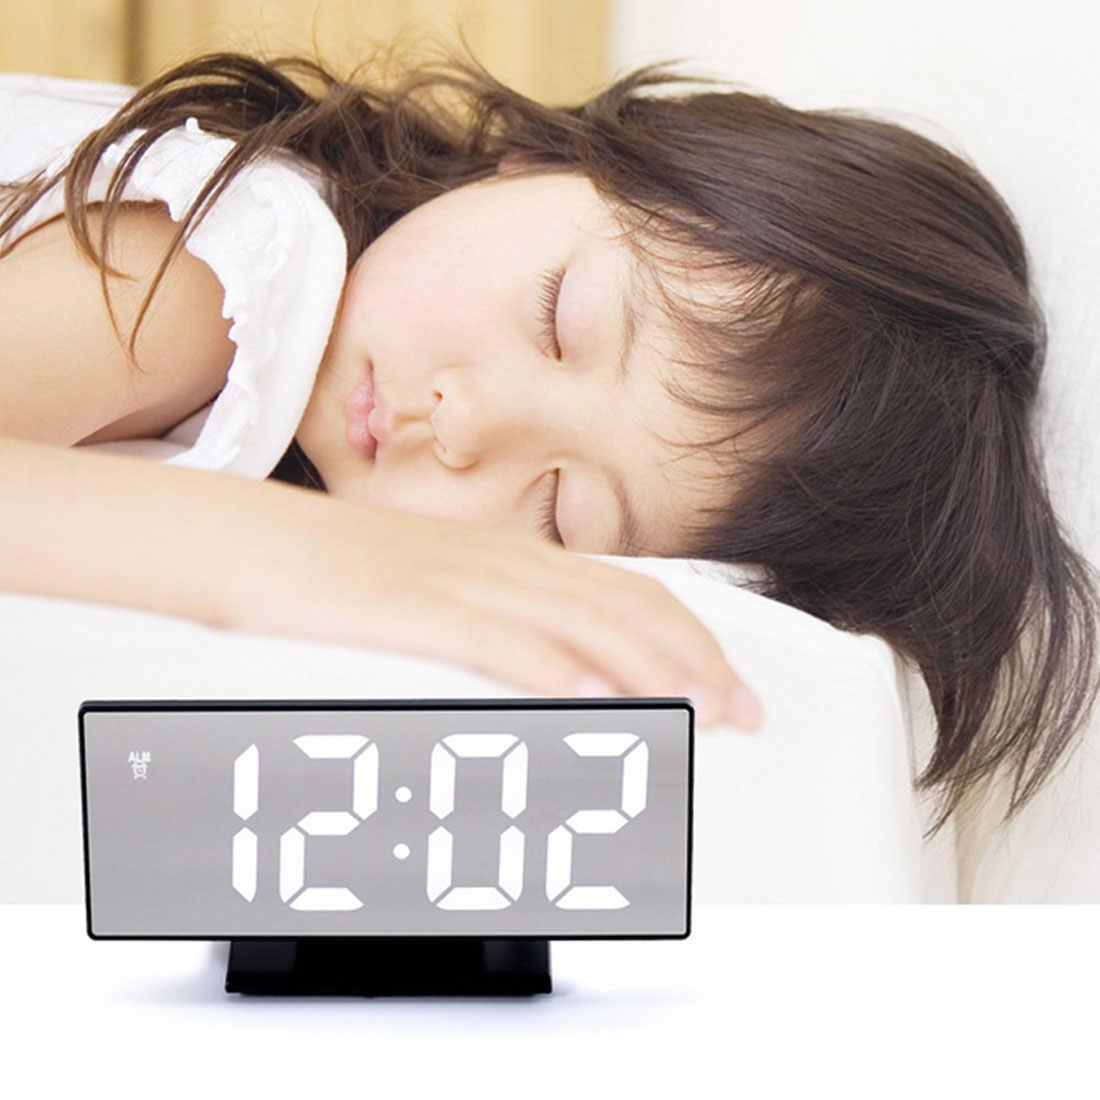 منبه رقمي على مدار الساعة LED مرآة ساعة متعددة الوظائف منبه رقمي على مدار الساعة عرض الوقت طاولة ليلية سطح المكتب Despertador